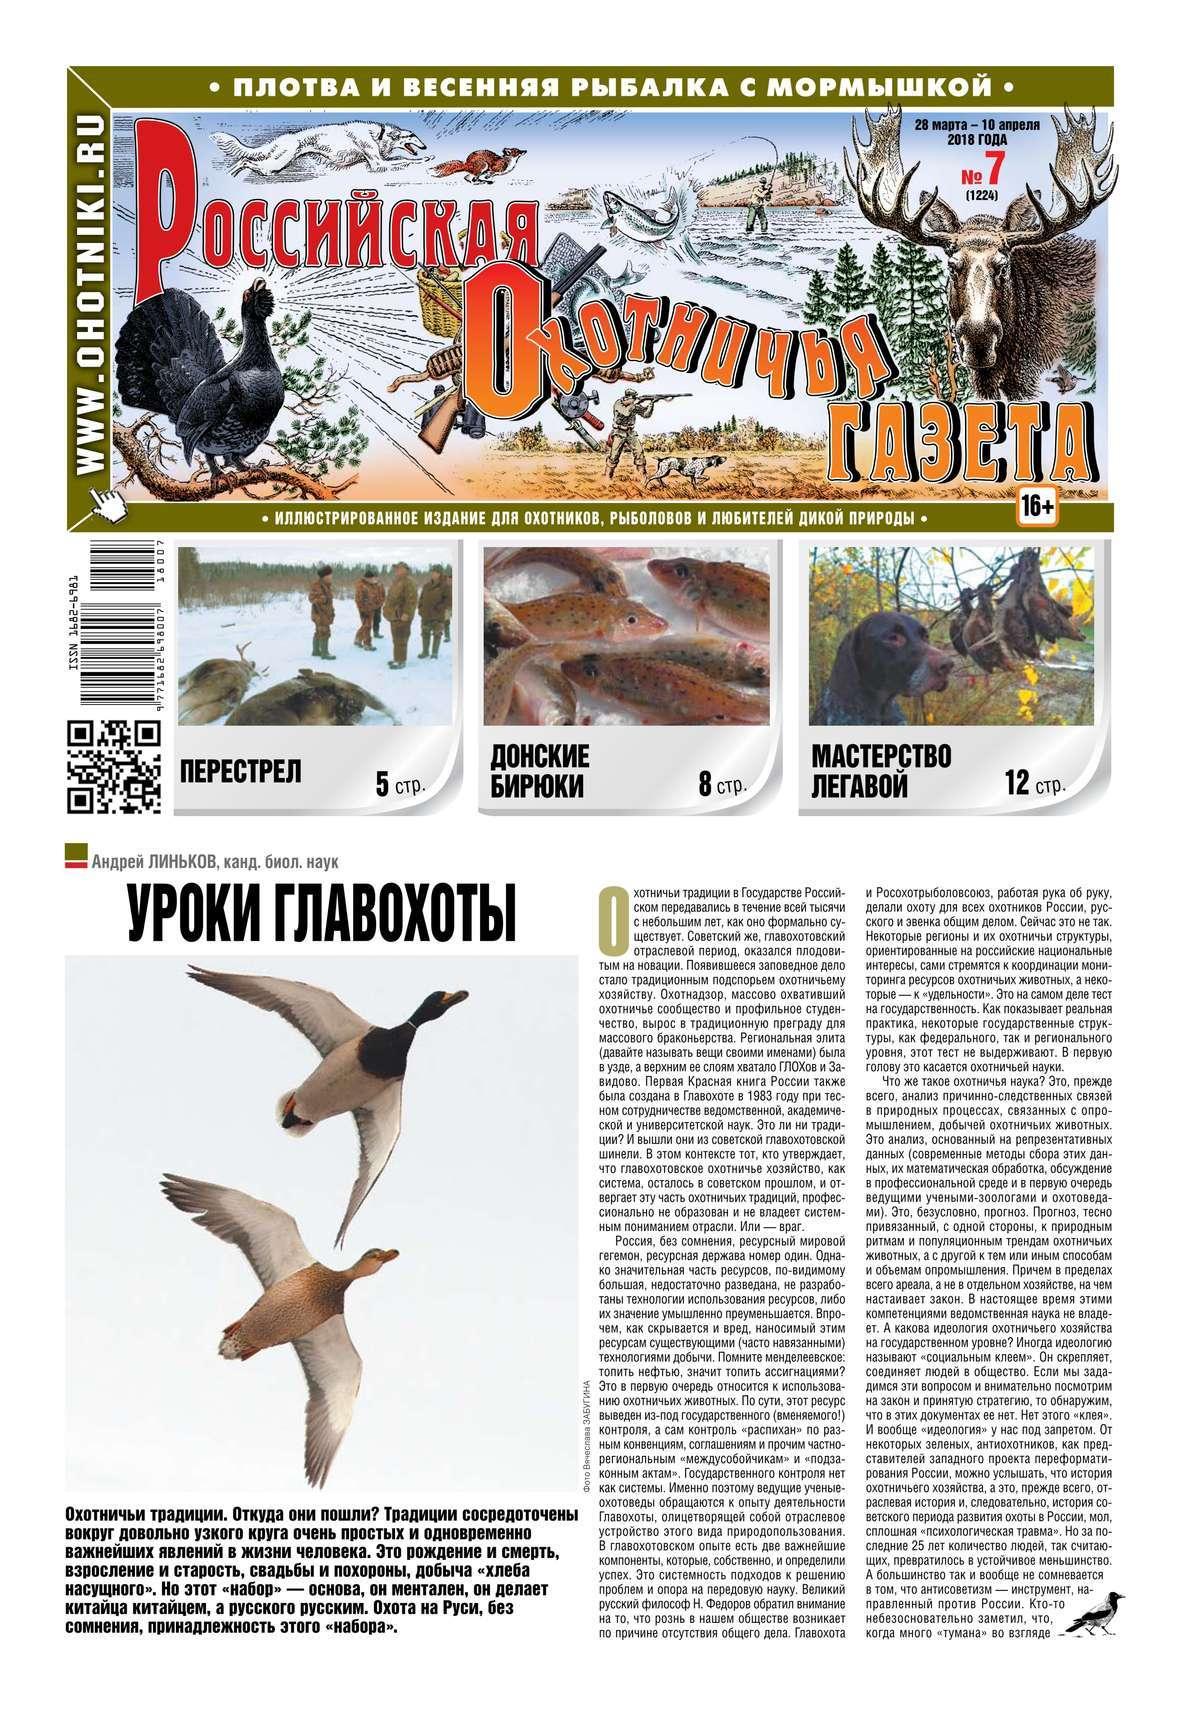 Редакция газеты Российская Охотничья Газета. Russian Hunters Gazeta 07-2018